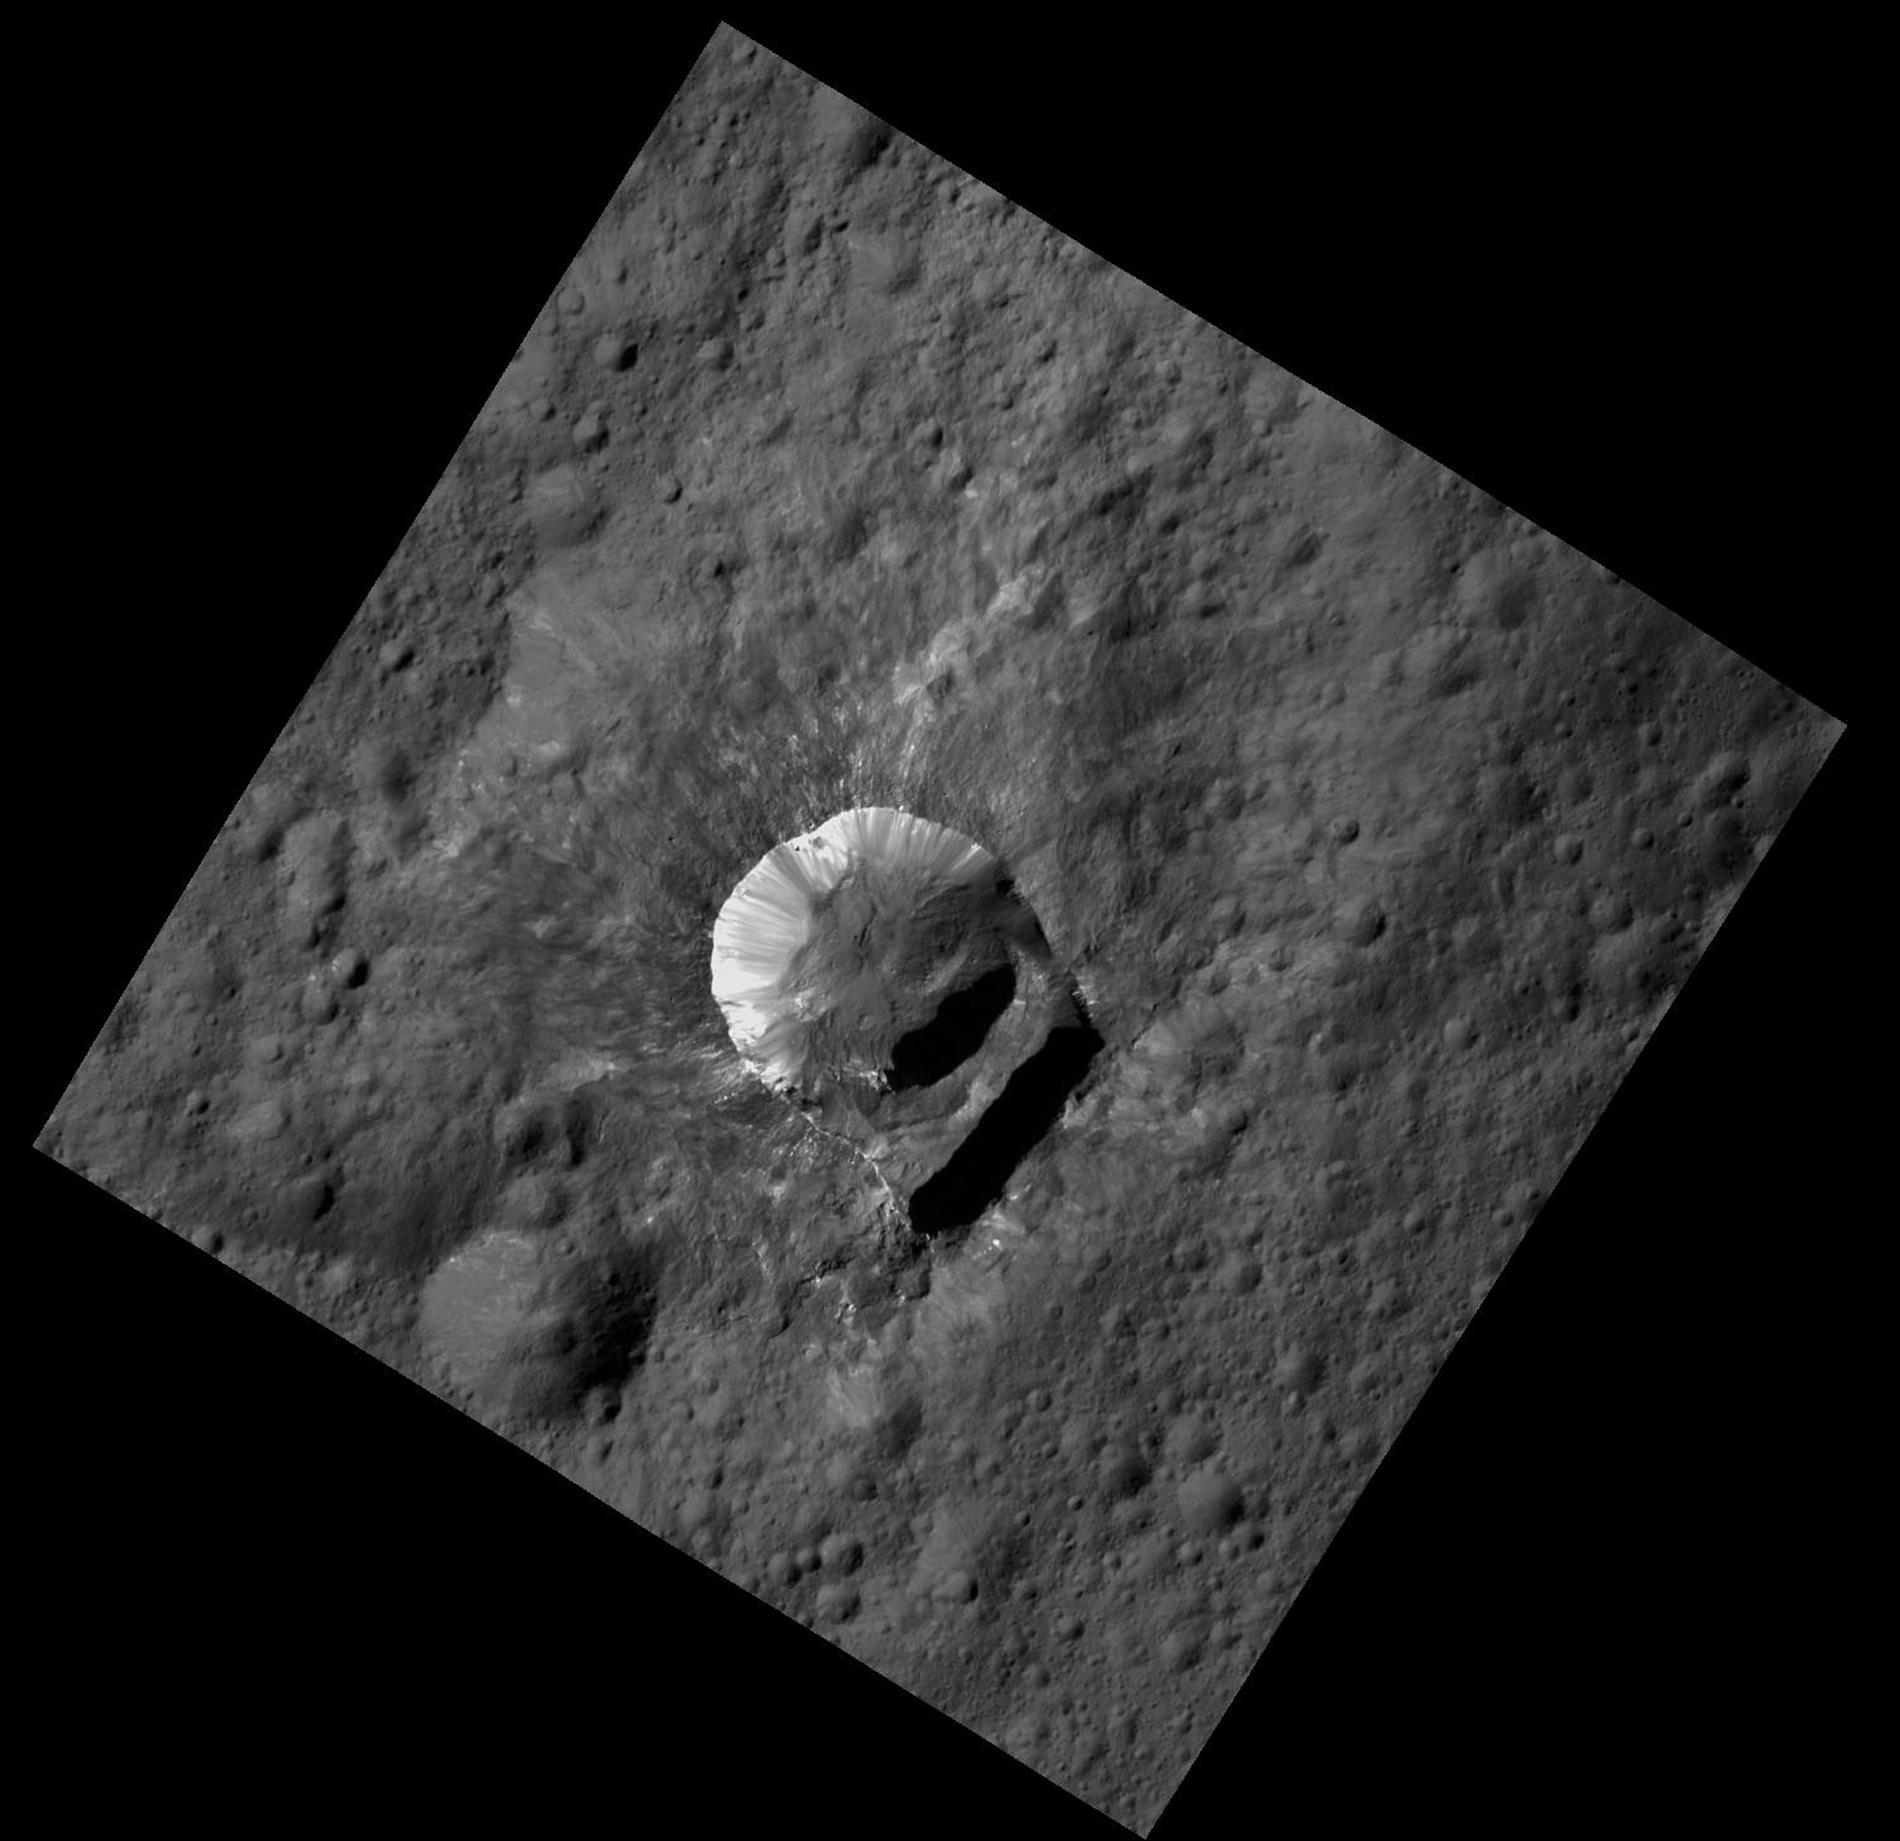 Le cratère Oxo